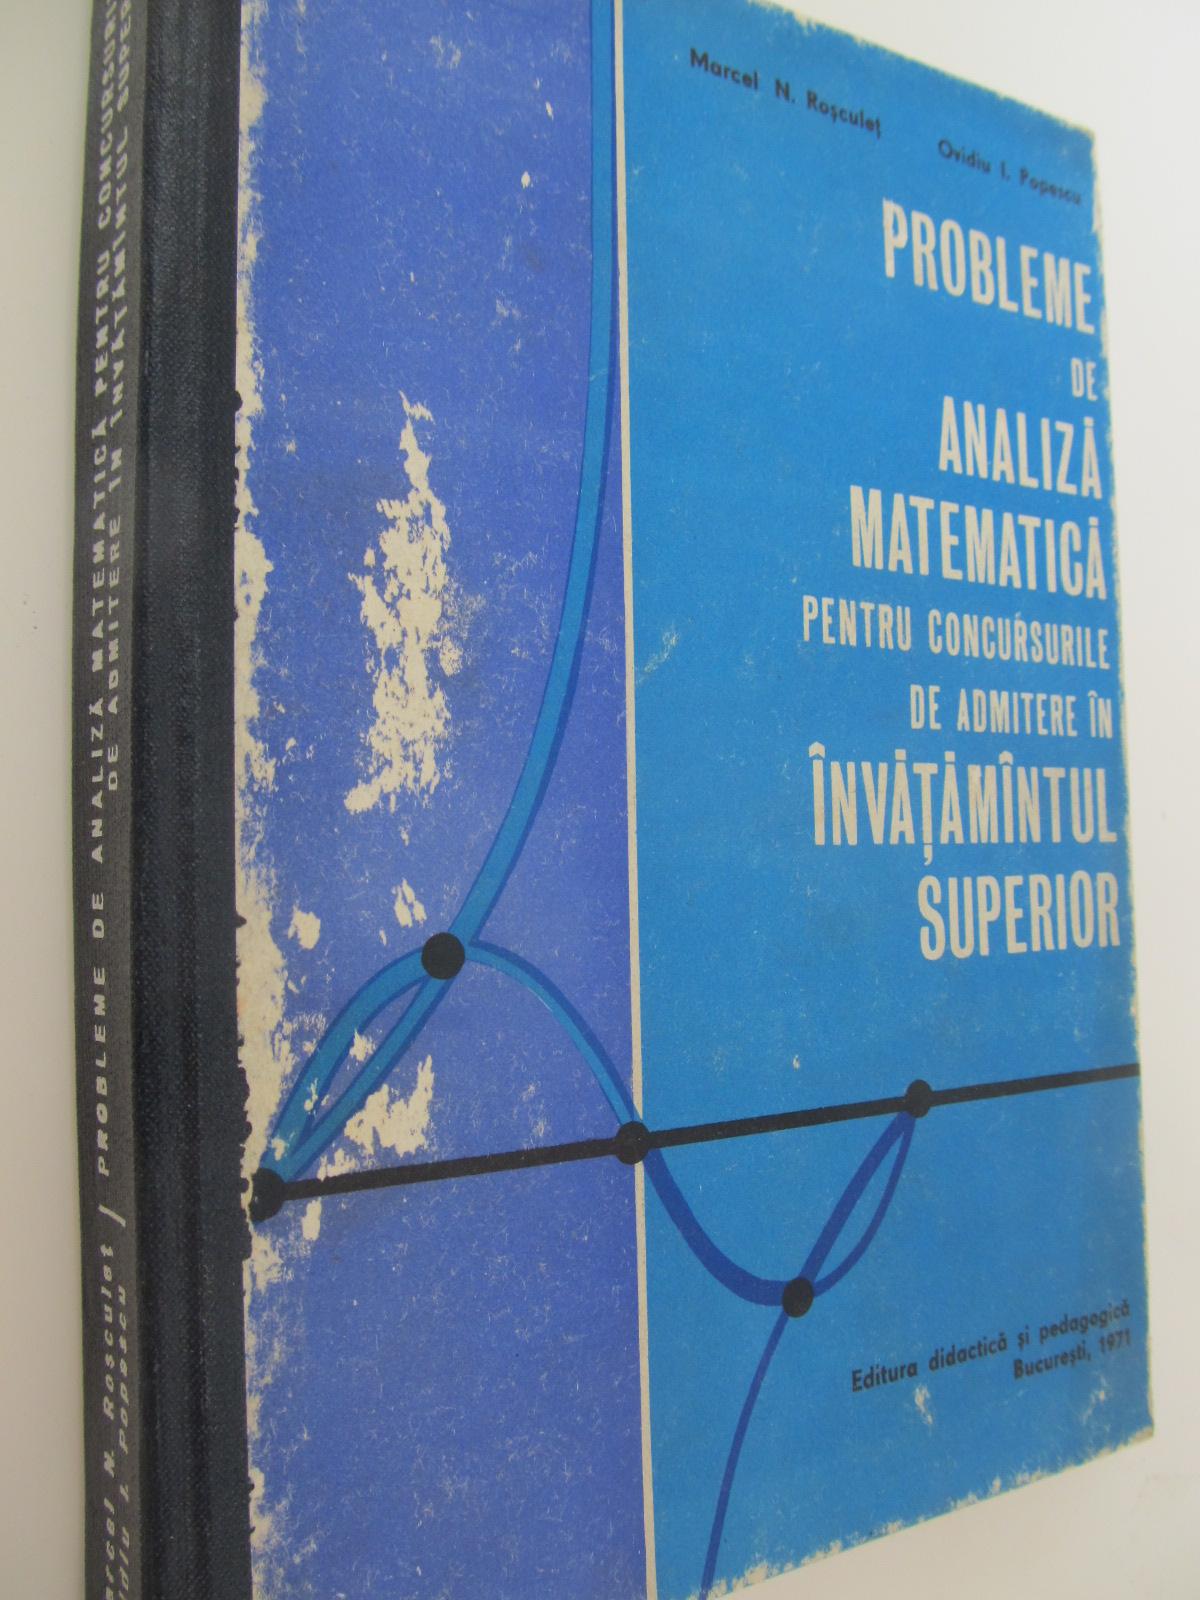 Probleme de analiza matematica pentru concursurile de admitere in invatamantul superior - Marcel N. Rosculet , Ovidiu I. Popescu | Detalii carte